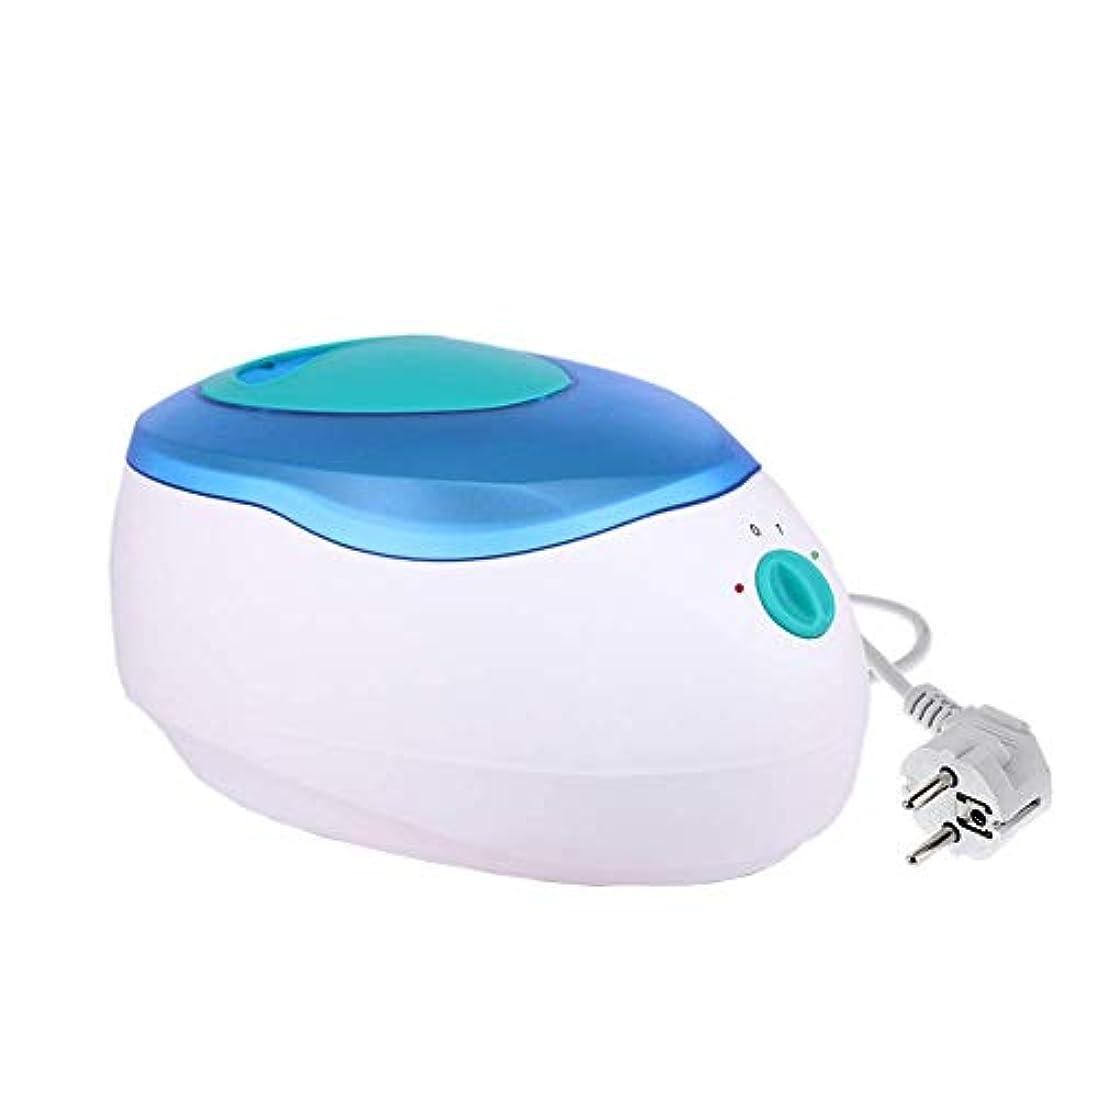 手のひら南名門すべてのワックスタイプのための専門の電気ワックスヒーター、ワックスメルター可変温度とウォーマーと内蔵サーモ安全制御脱毛脱毛のために (Color : Blue)